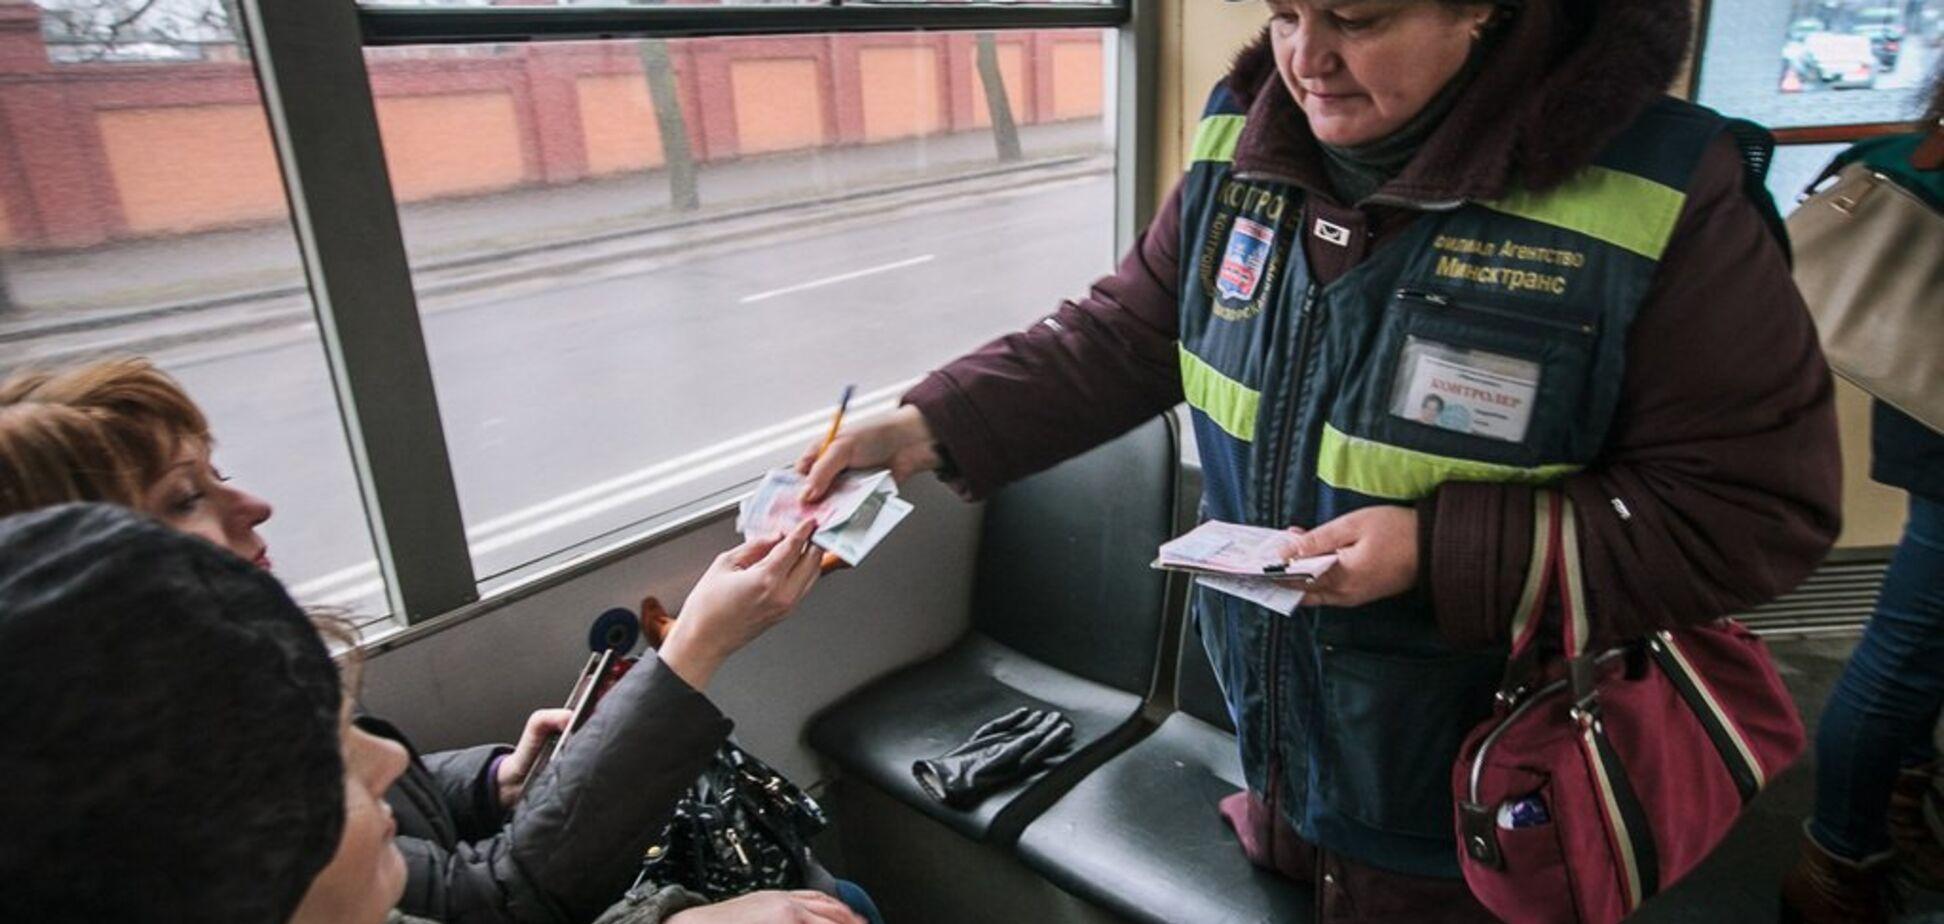 'Як конвой': українка розповіла про хамський інцидент із контролером у Києві